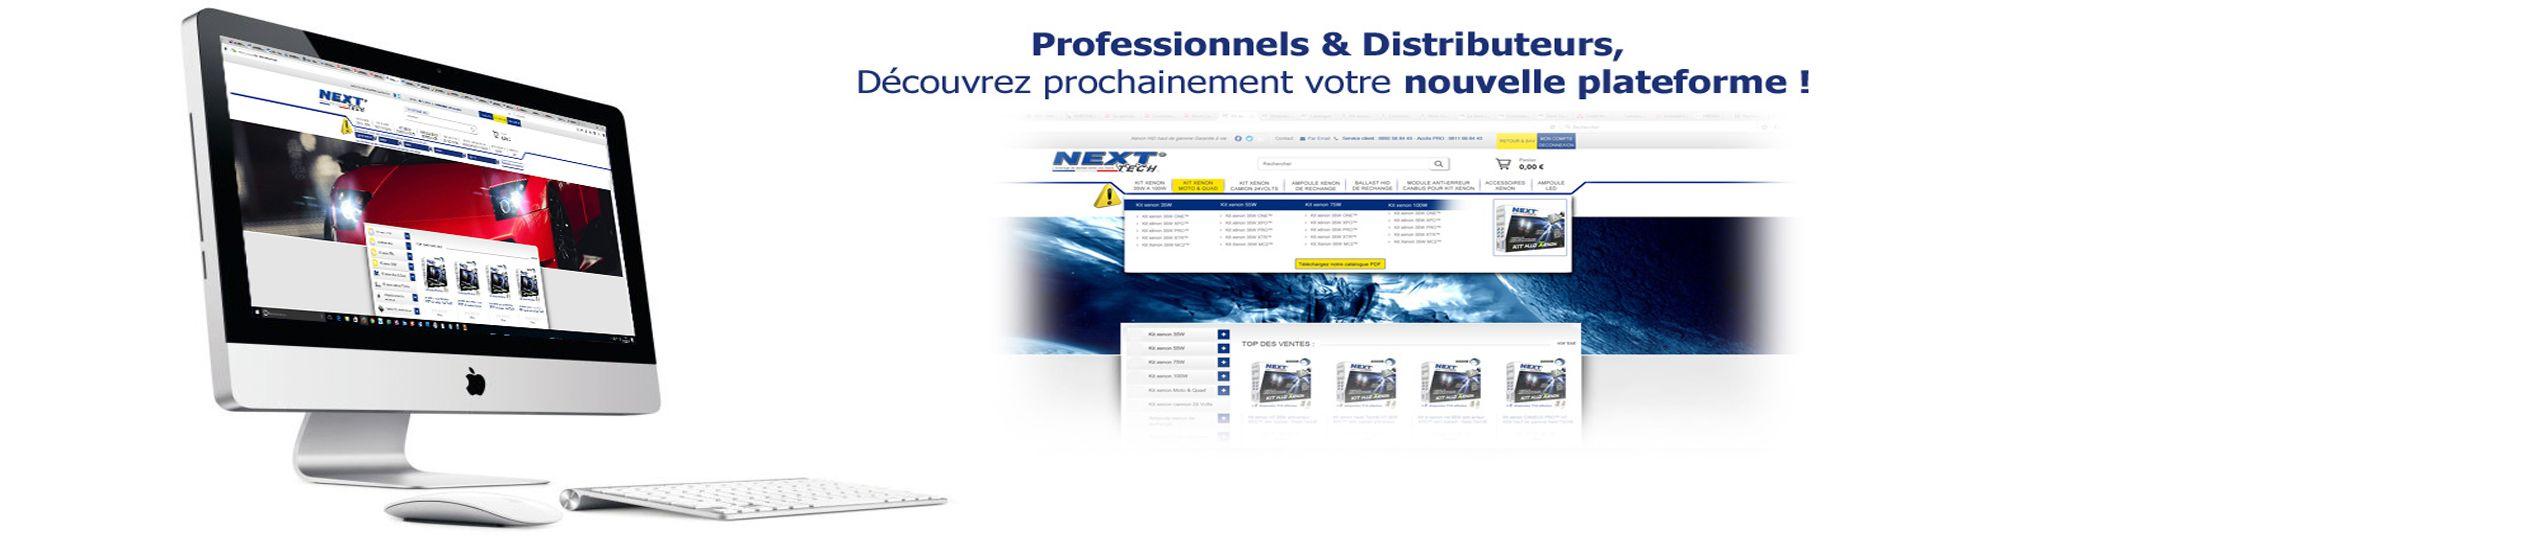 Revendeurs et distributeurs Next-Tech France, découvrez prochainement votre nouvelle espace pro !